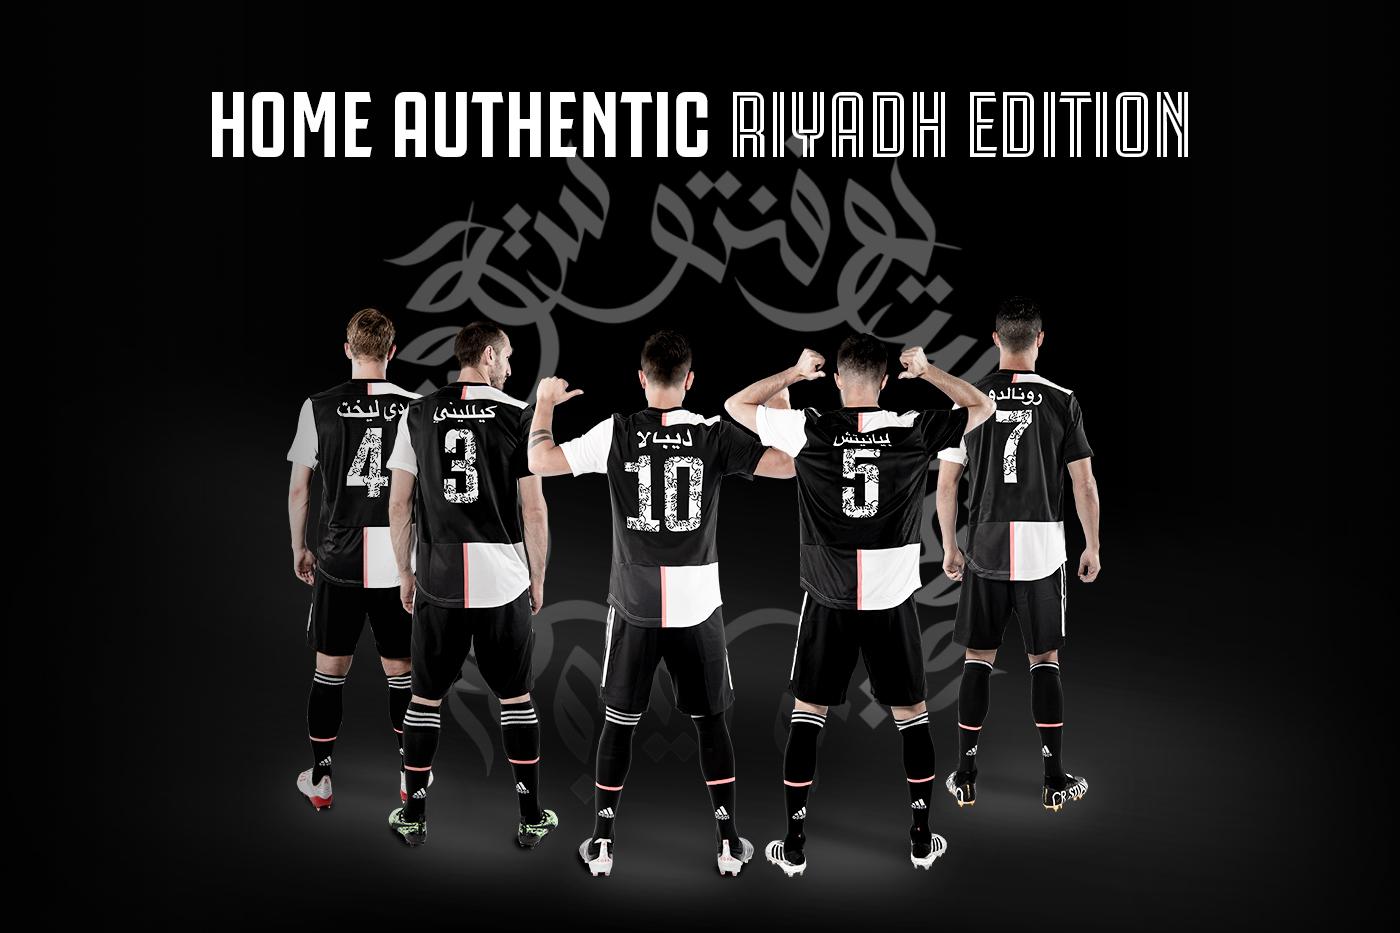 尤文公布意超杯新款球衣:球员名字将用阿拉伯语书写